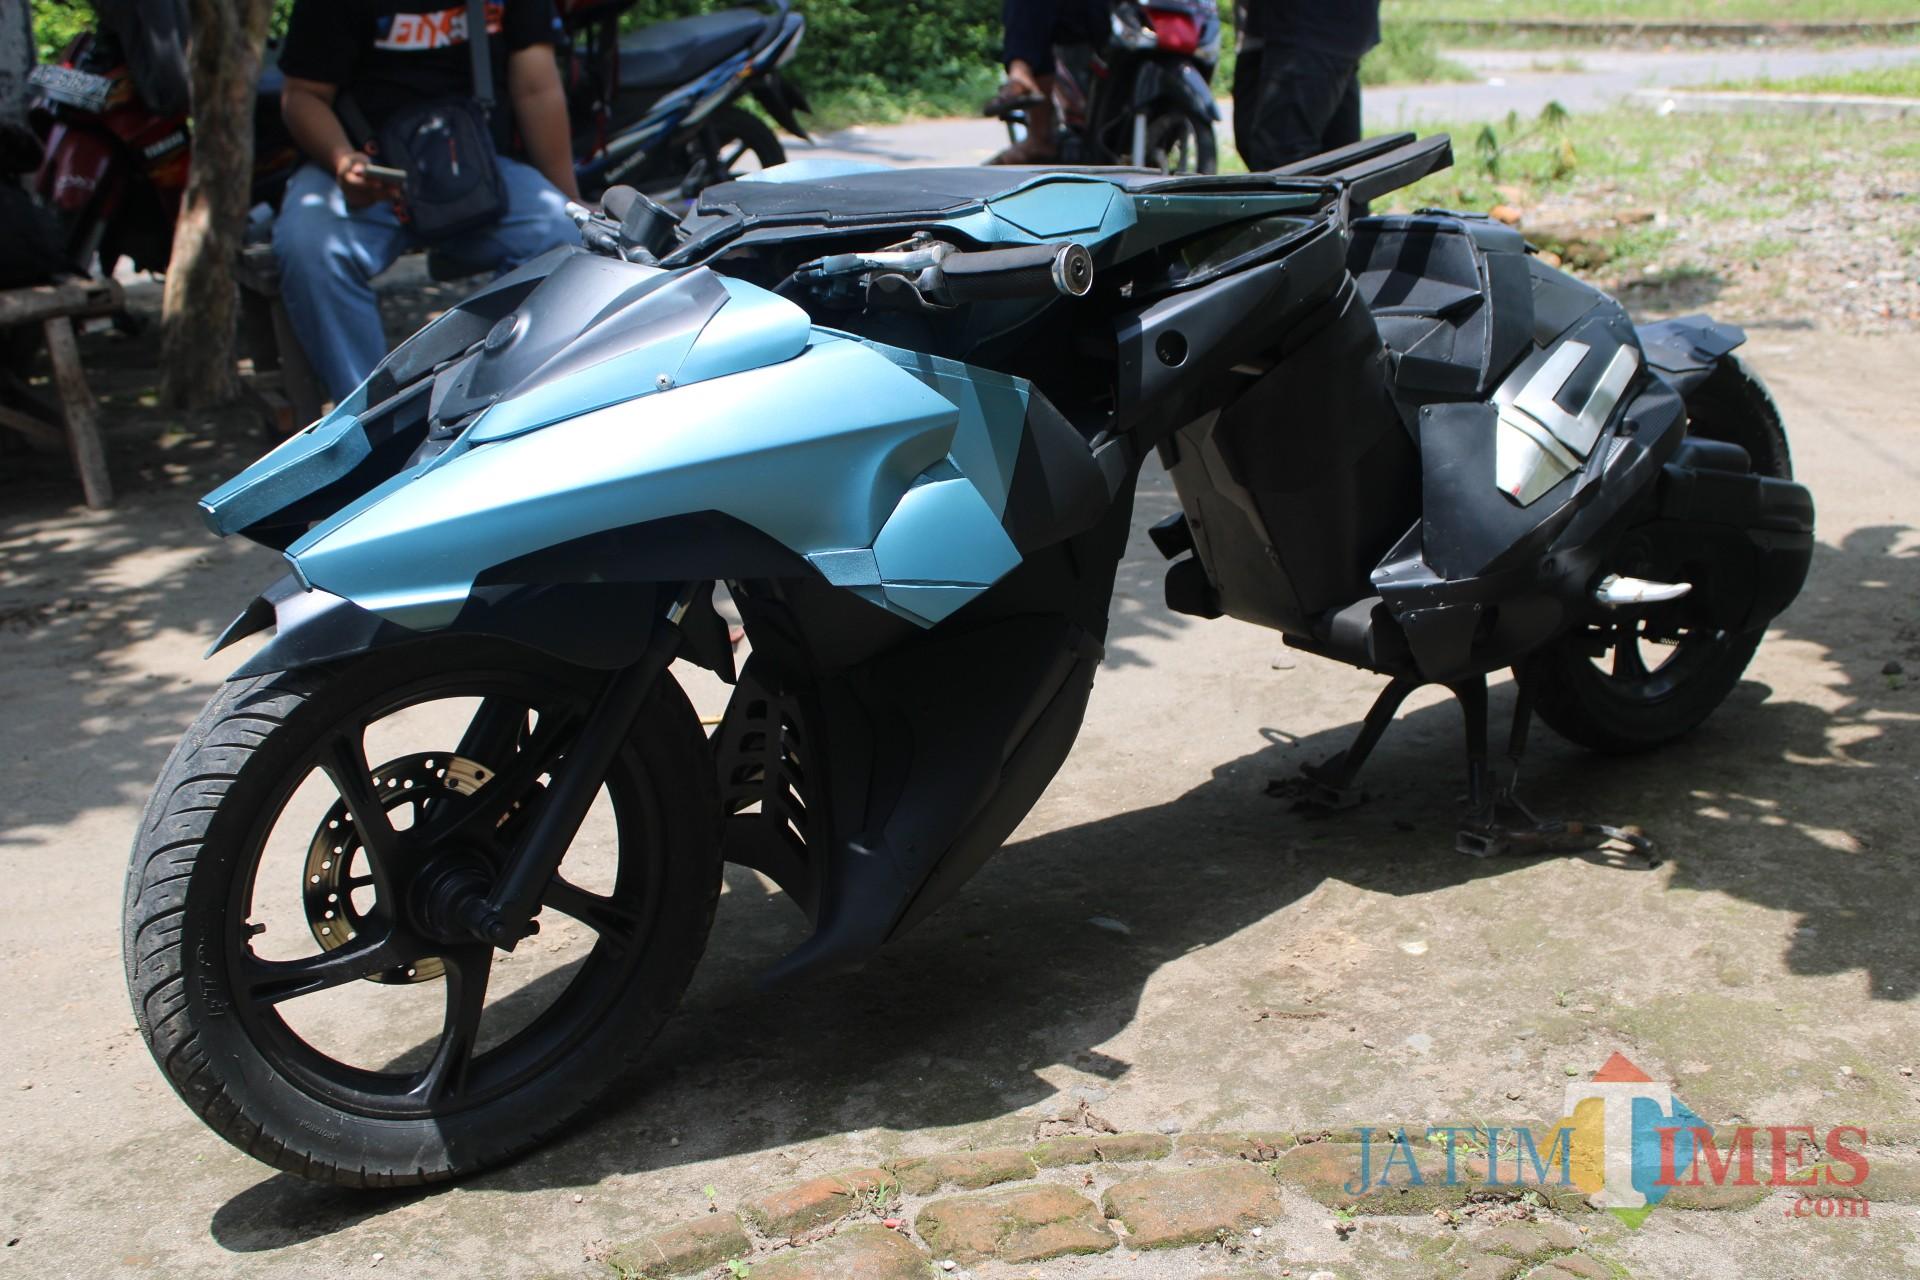 Motor batman yang diciptakan oleh Mohamad John Aris Joenaidi (33), warga Desa Badang, Kecamatan Ngoro, Kabupaten Jombang dengan dinamai motor cyber. (Foto : Adi Rosul / JombangTIMES)